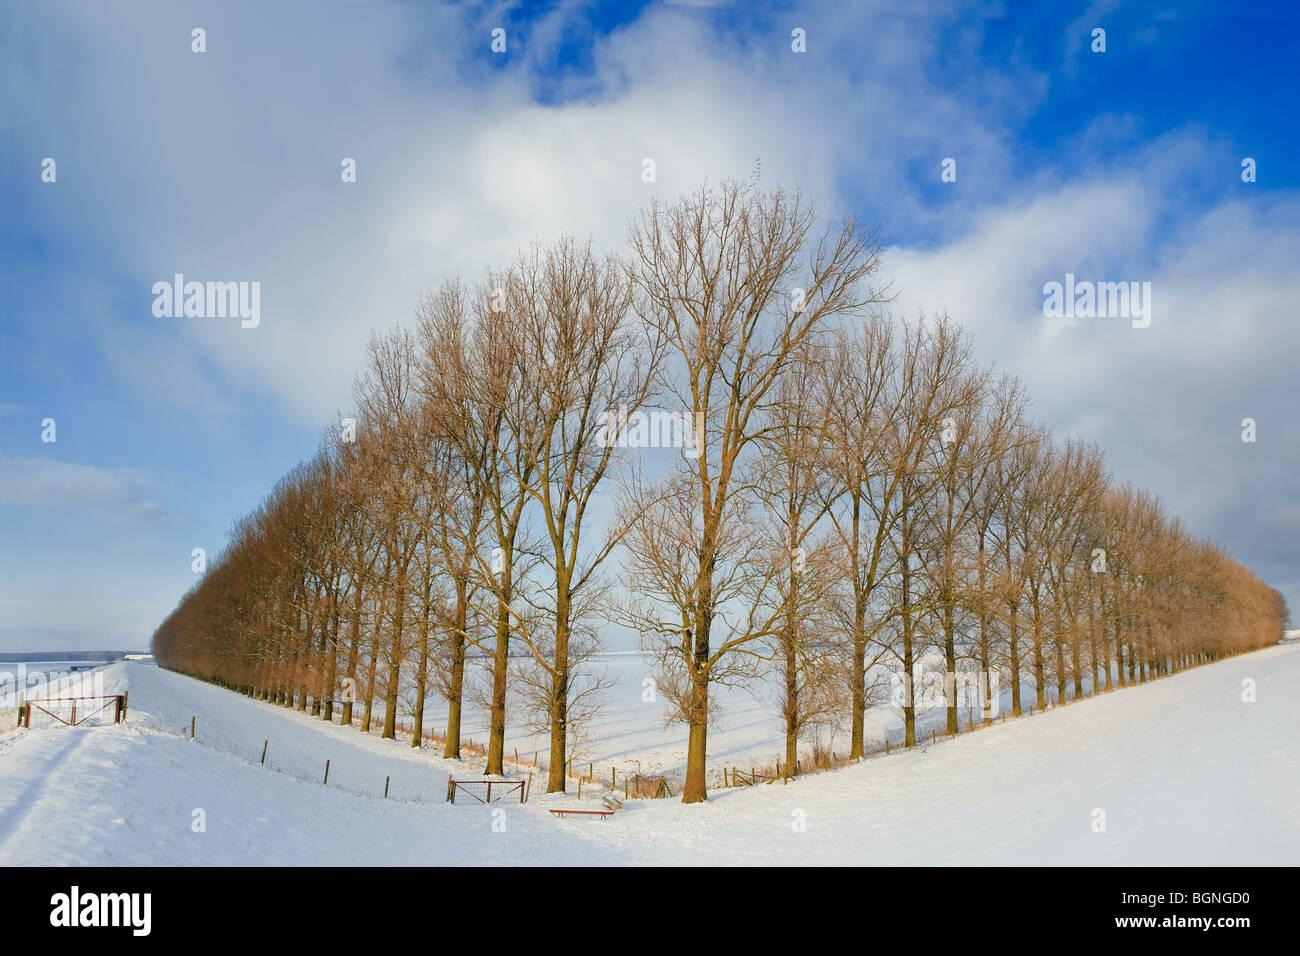 Composición con árboles en la Johannes Kerkhovenpolder cerca Woldendorp, provincia de Groningen, Países Bajos Foto de stock